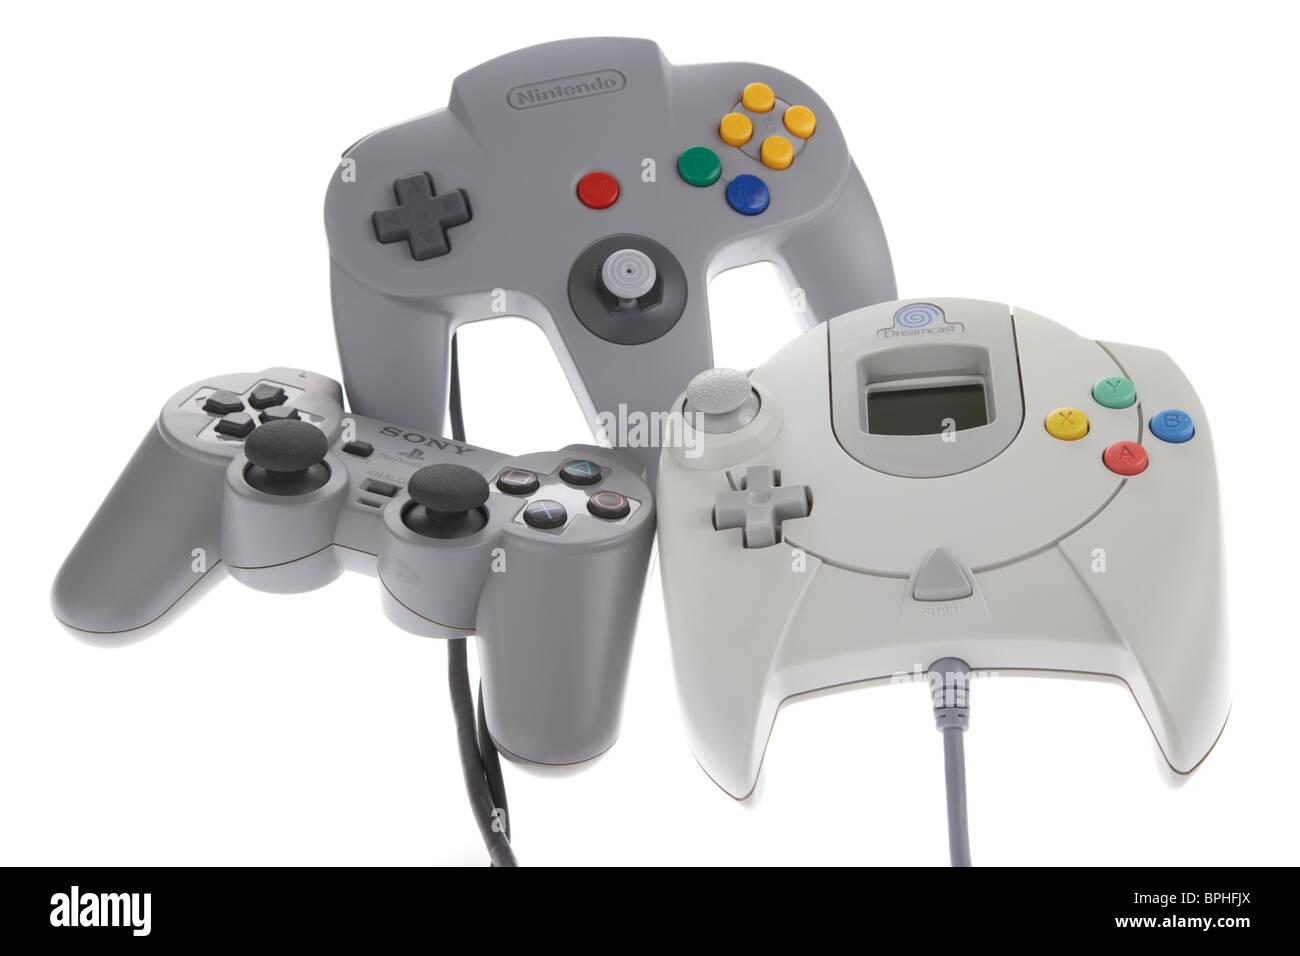 Original-Controller für verschiedene Konsolen aus den 90er Jahren einschließlich Nintendo 64 n64 Psone Stockbild